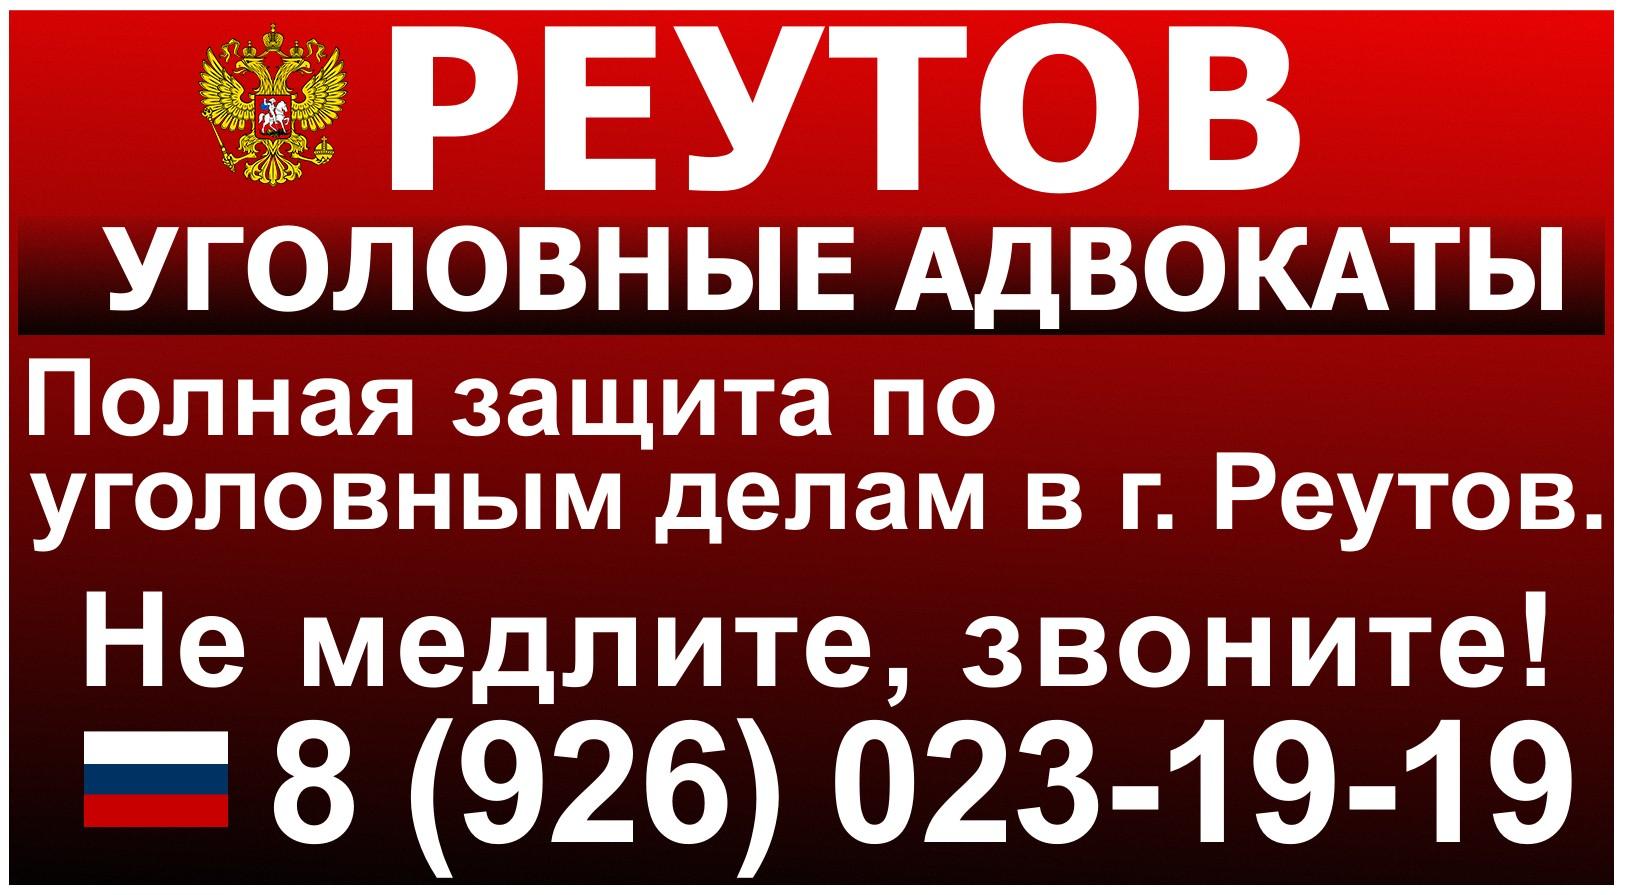 Адвокат Реутов. Адвокаты Реутова